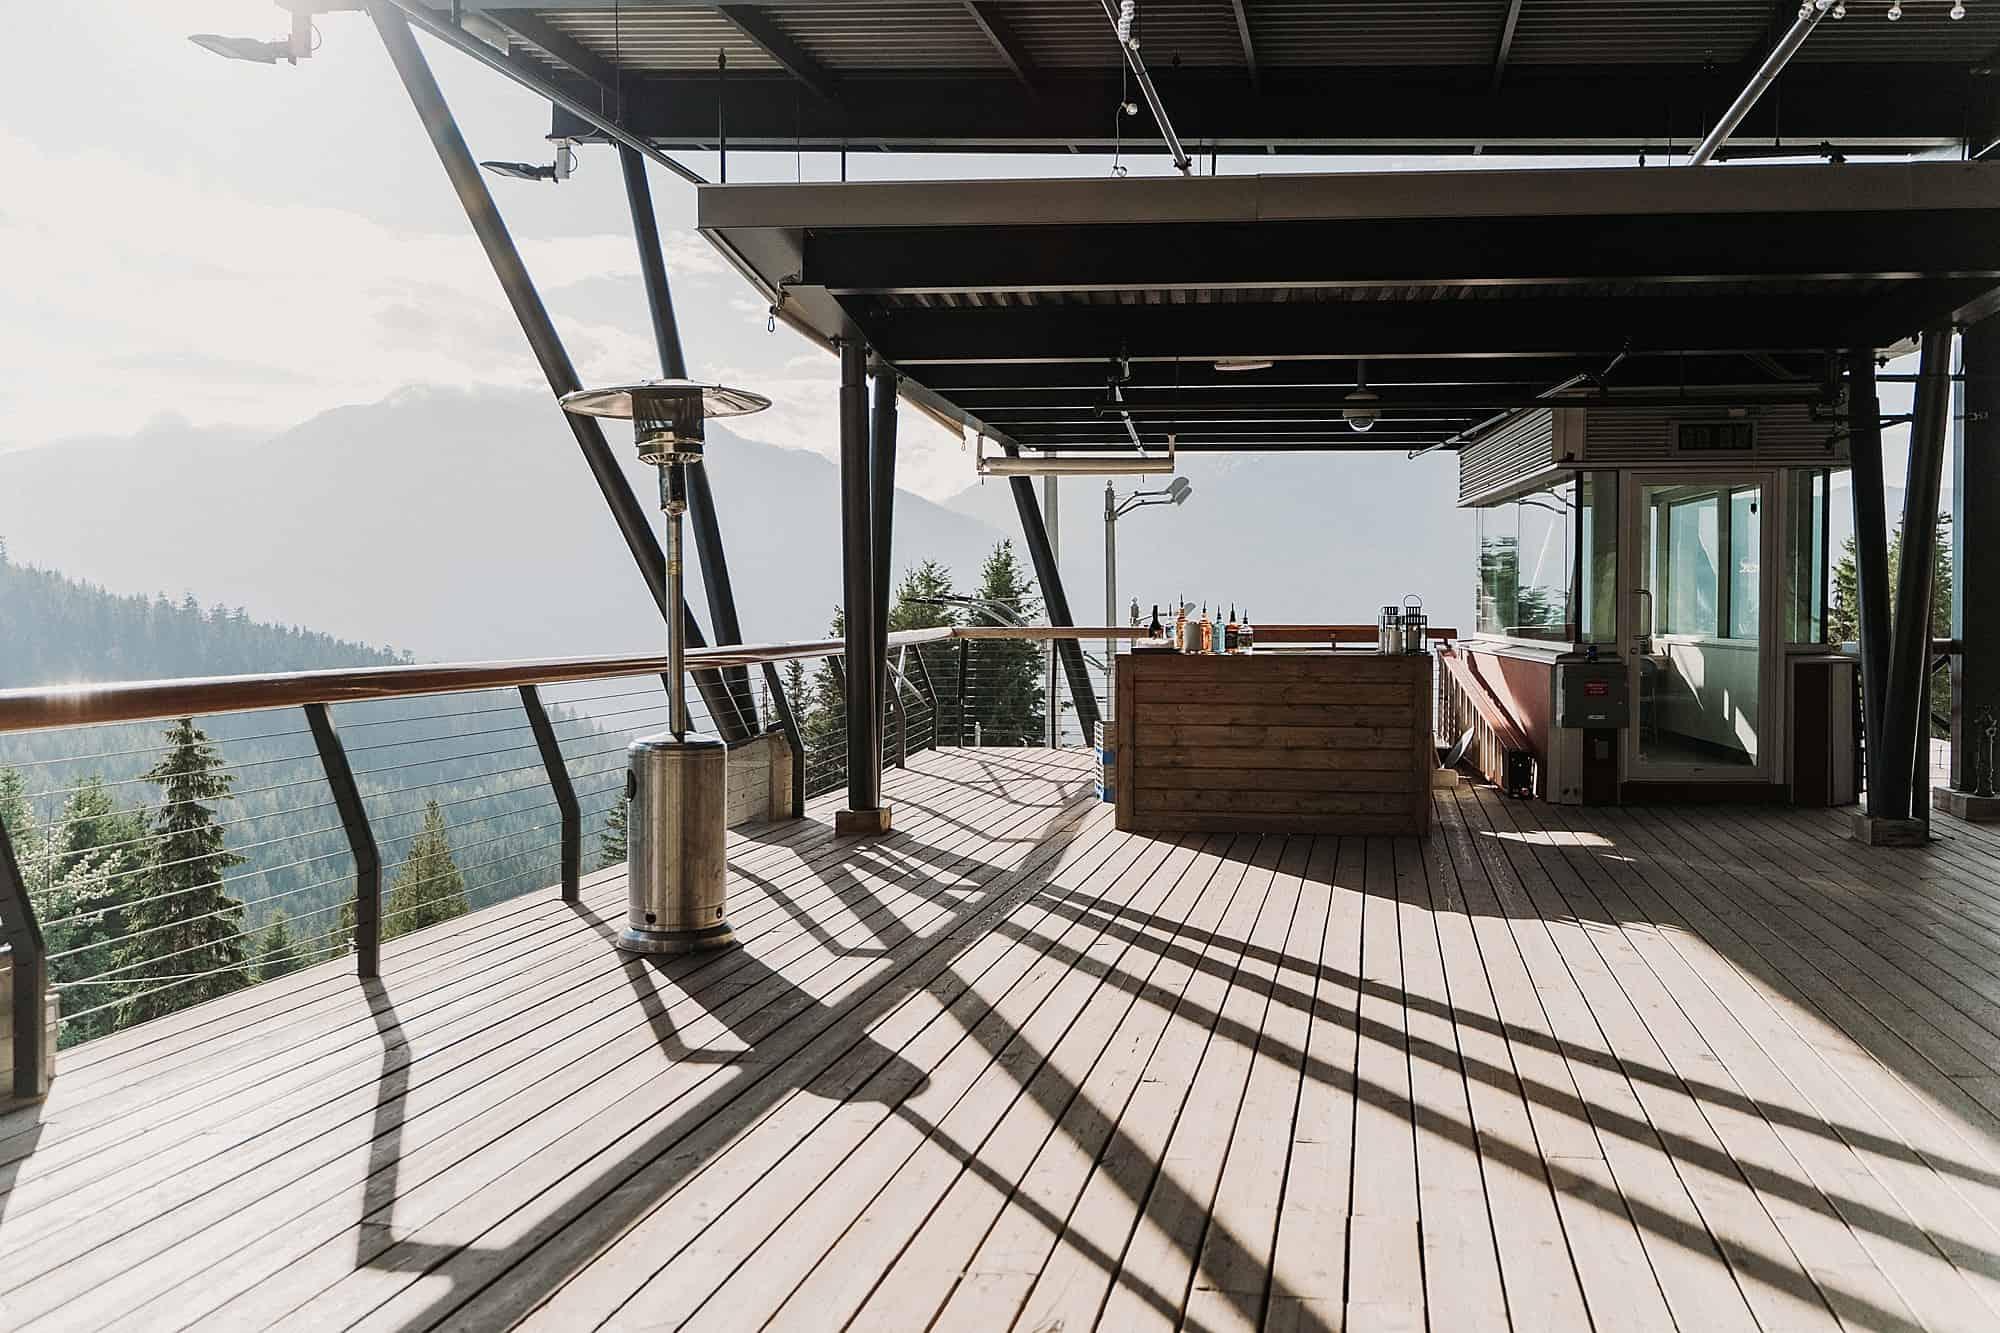 views from top start house whistler sliding centre